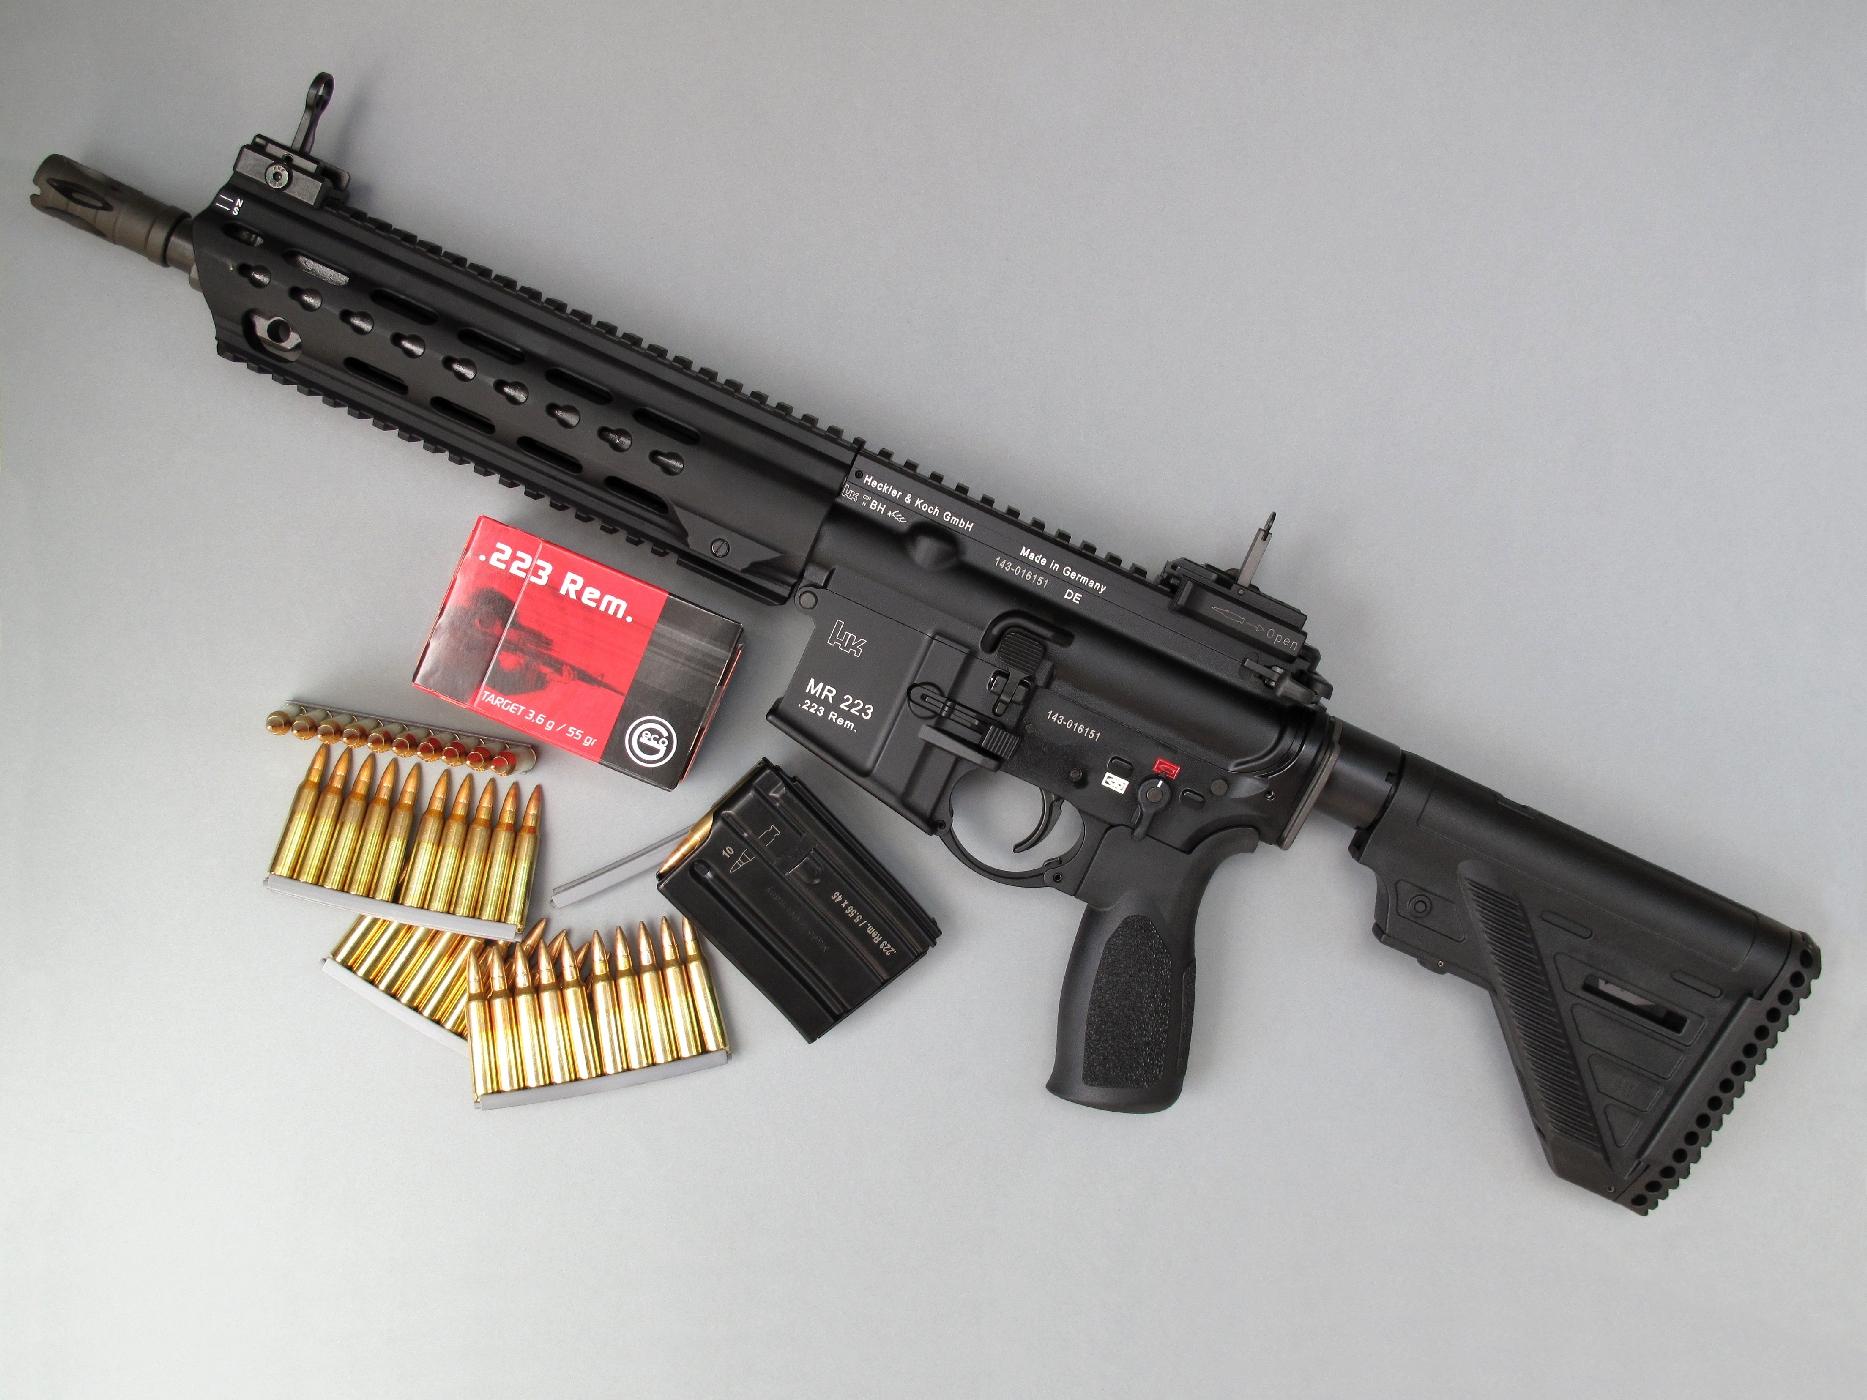 Nous avons testé la carabine MR223 A3 dans sa version la plus compacte, équipée d'un canon court (les longueurs de canon disponibles sont de 11 pouces, 14,5 pouces et 16,5 pouces) et d'un petit chargeur (les capacités disponibles sont de 10, 20 et 30 coups).